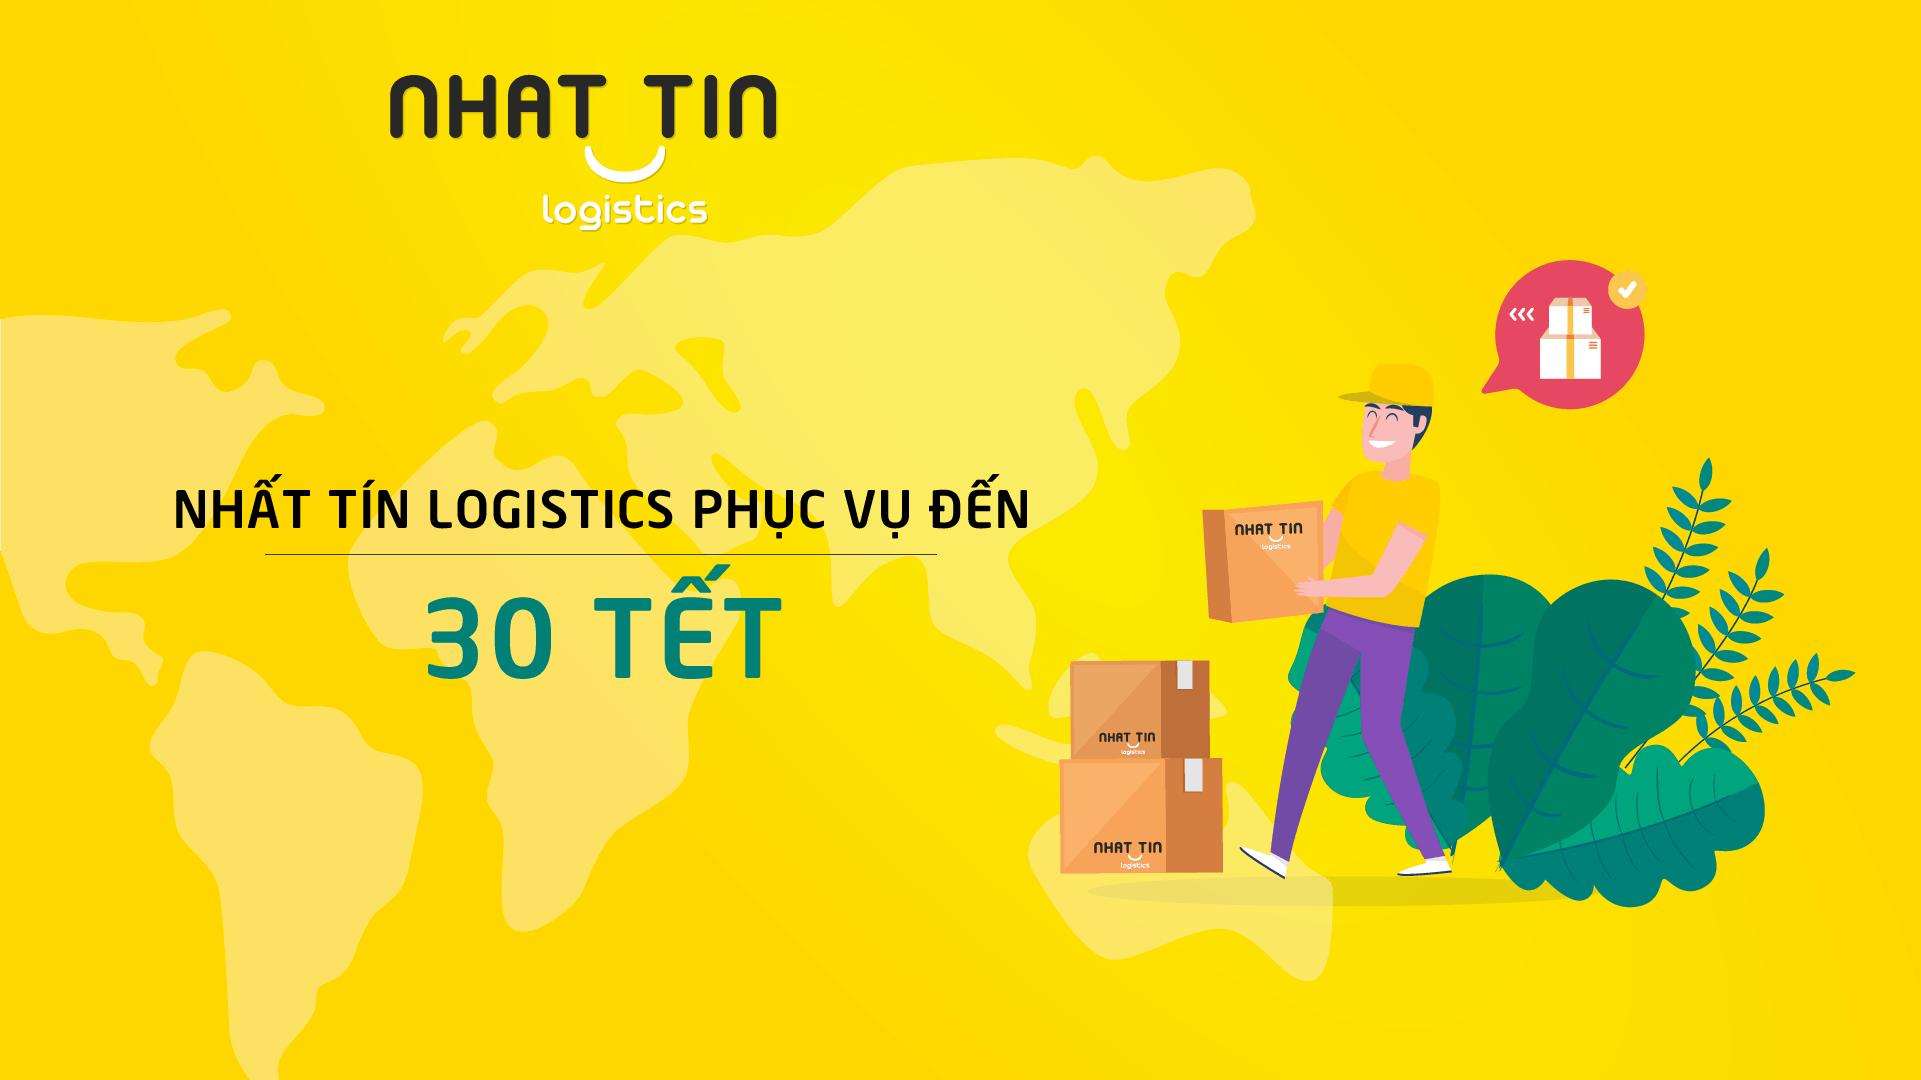 Nhất Tín Logistics phục vụ chuyển phát hàng hóa đến hết ngày 30 Tết Âm Lịch